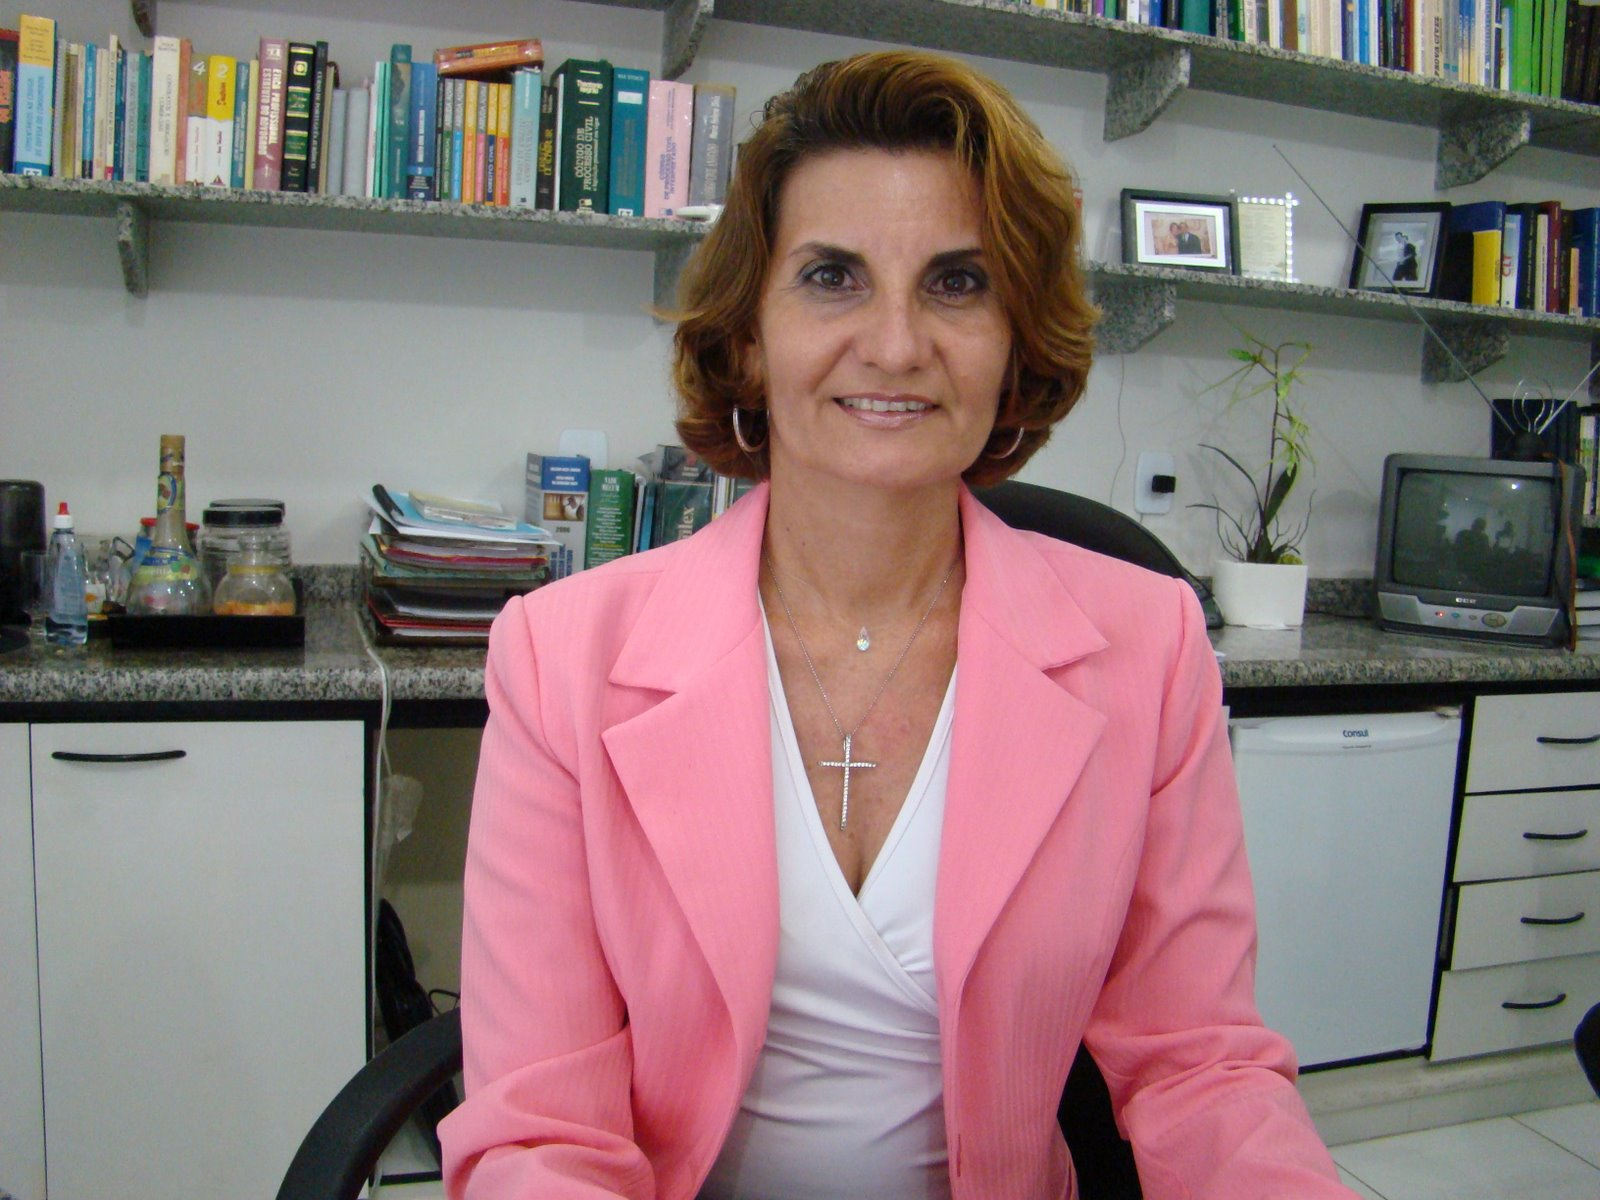 Jane Rose Cunha Bentiví